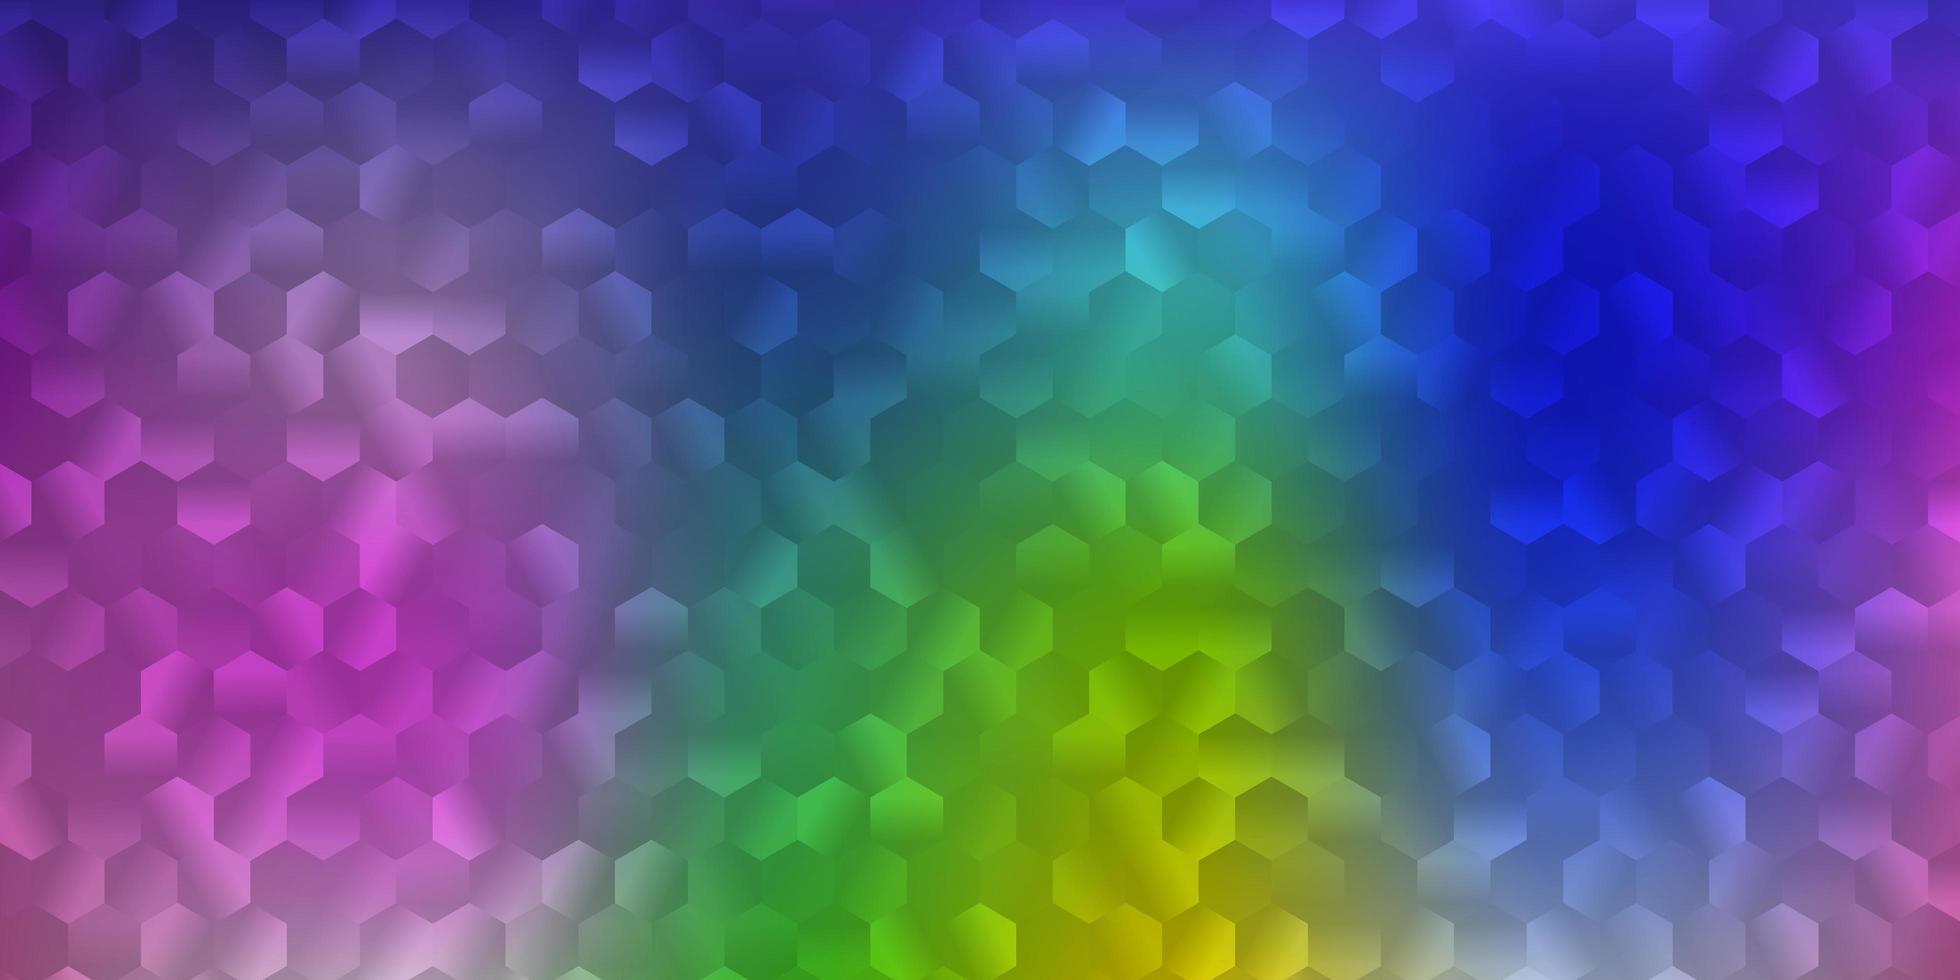 ljus flerfärgad bakgrund med kaotiska former. vektor